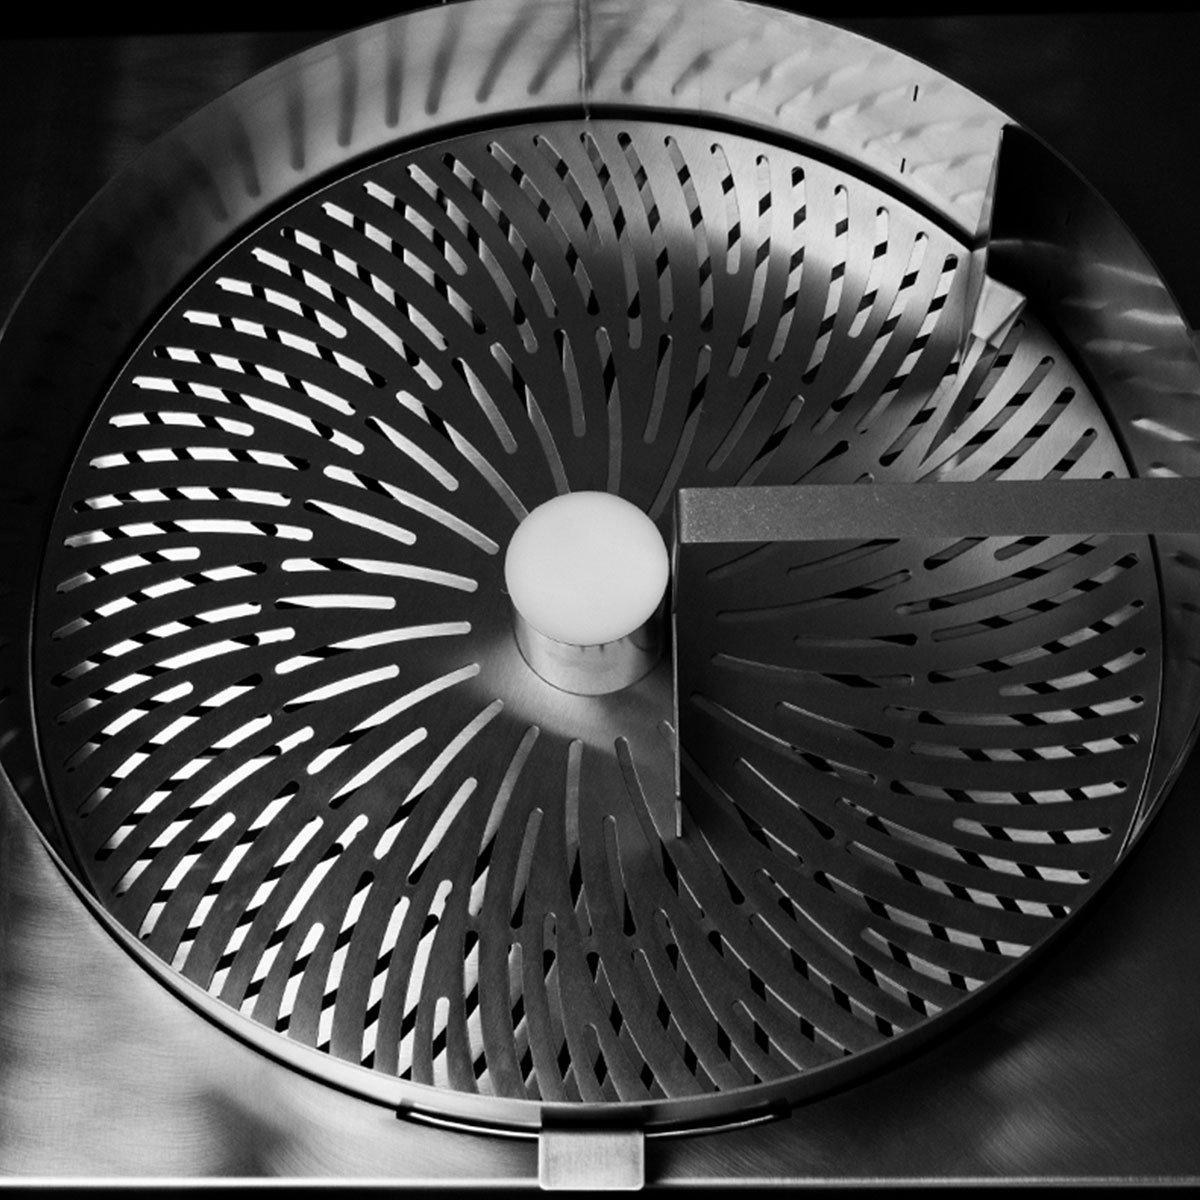 Model-M-Dry-Trimmer-Detail-1